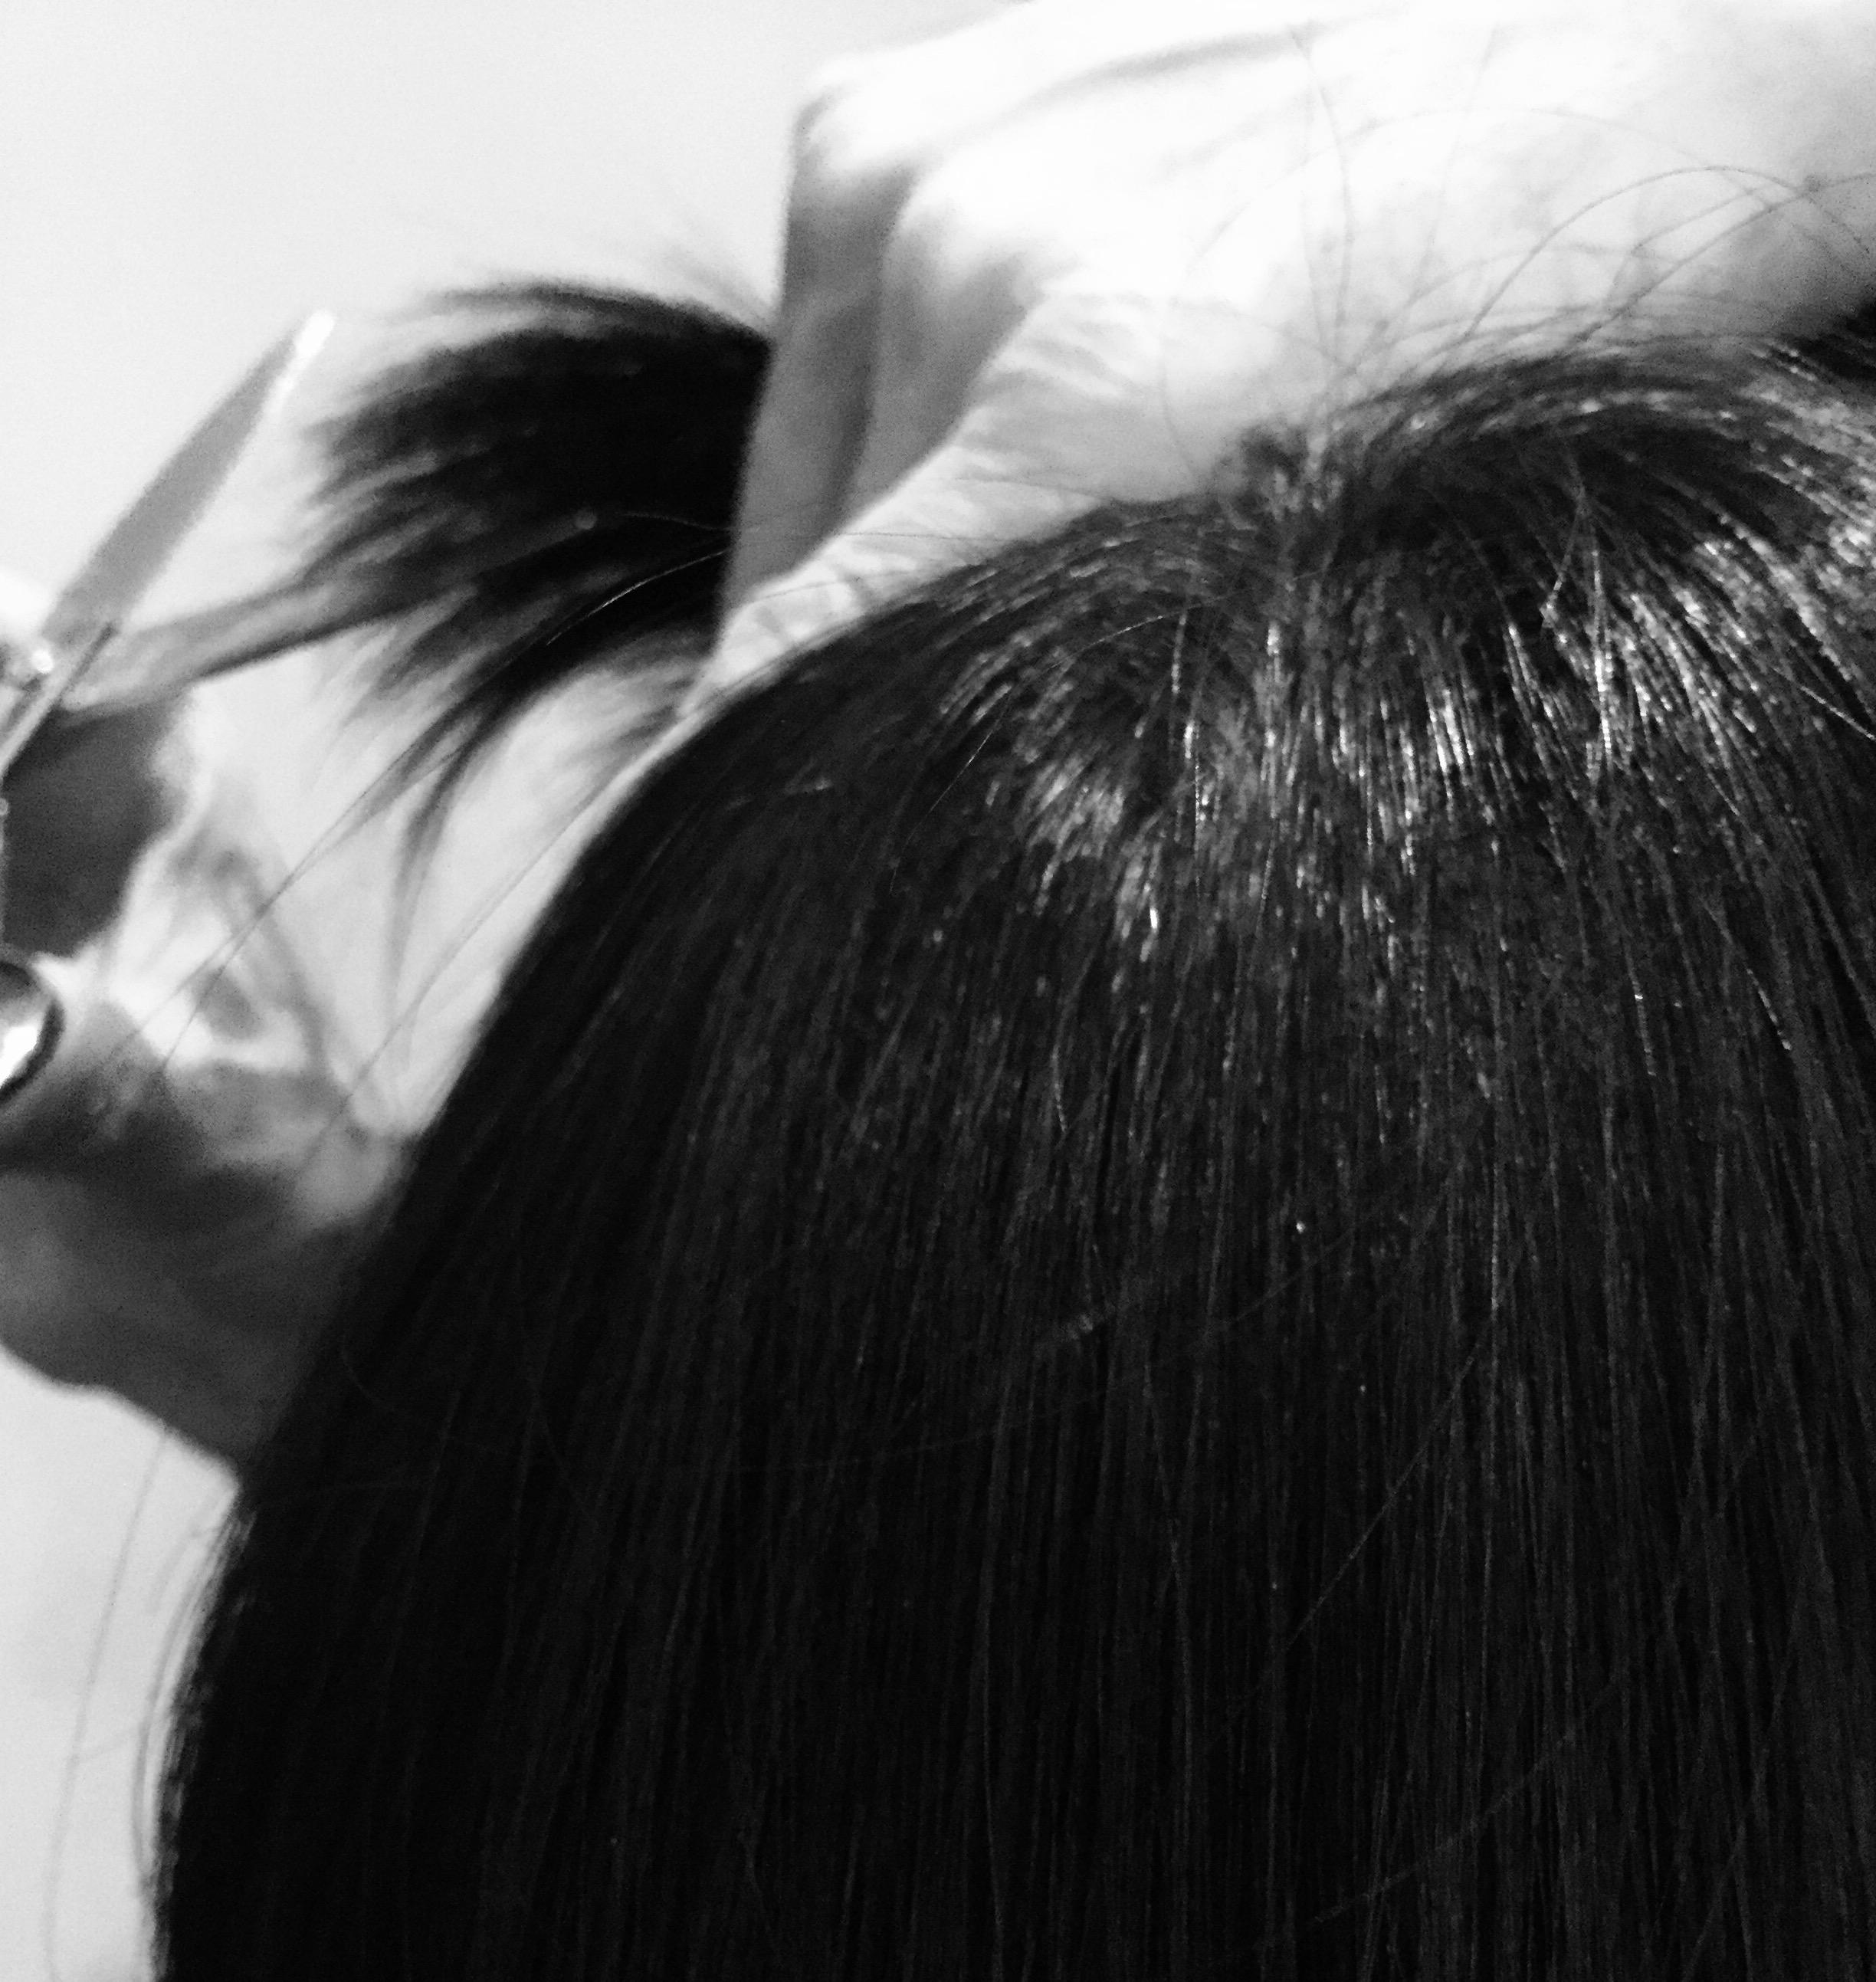 A ladies hair being cut